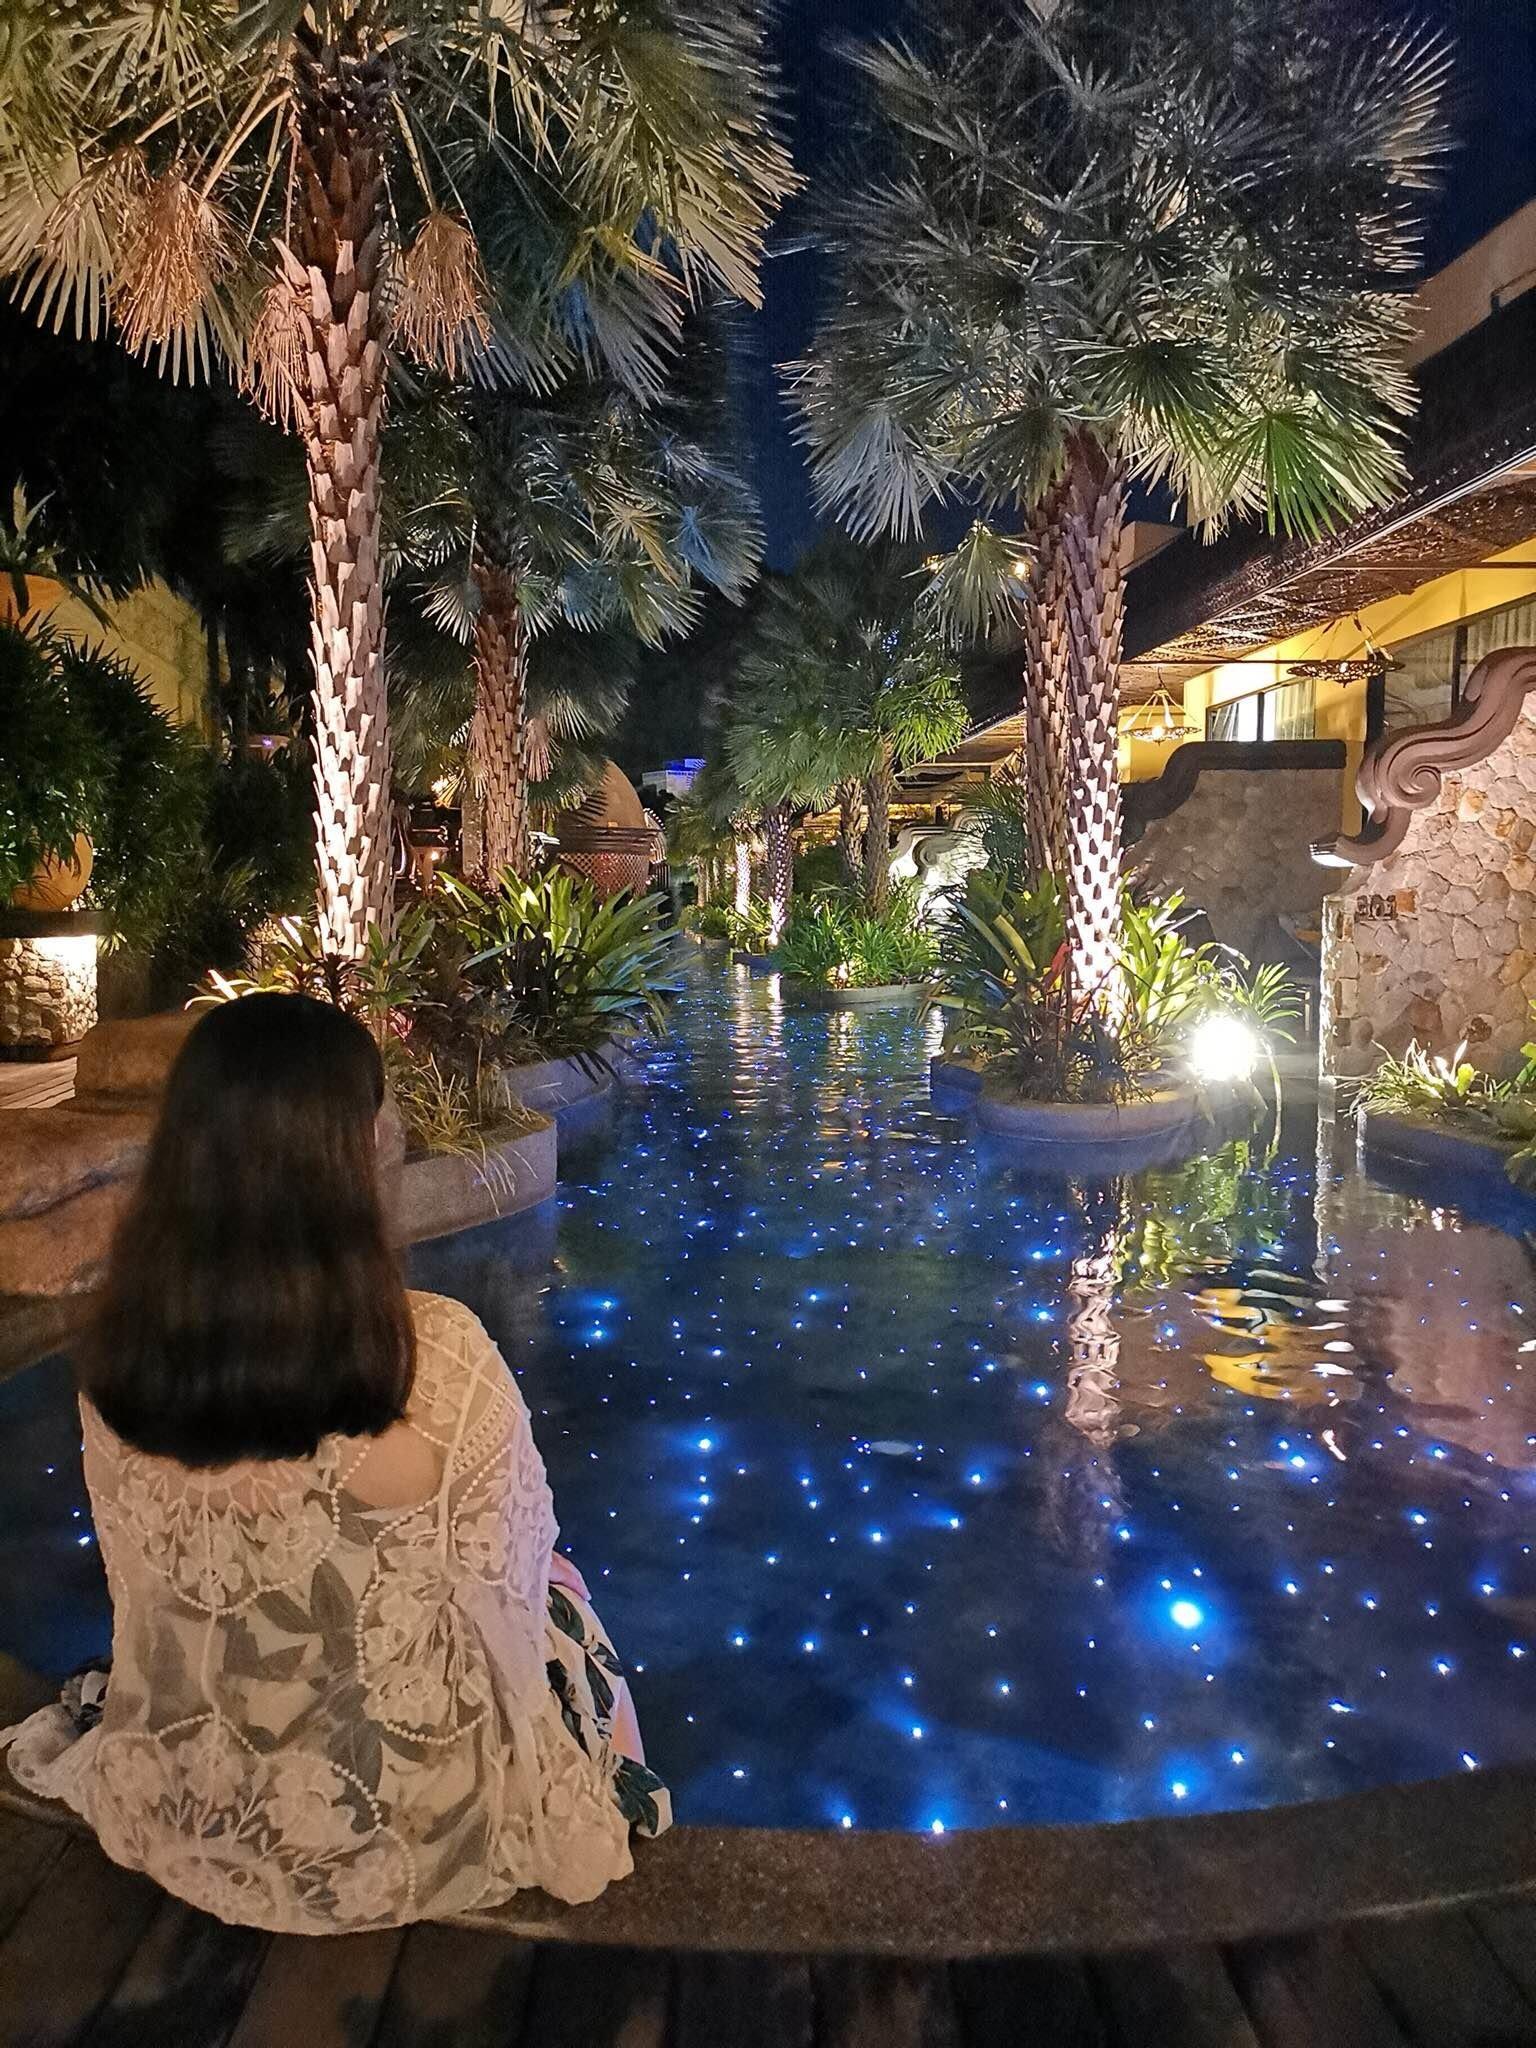 一路玩一路吃,超开心的泰国之旅,体验旅游新模式结伴自由行